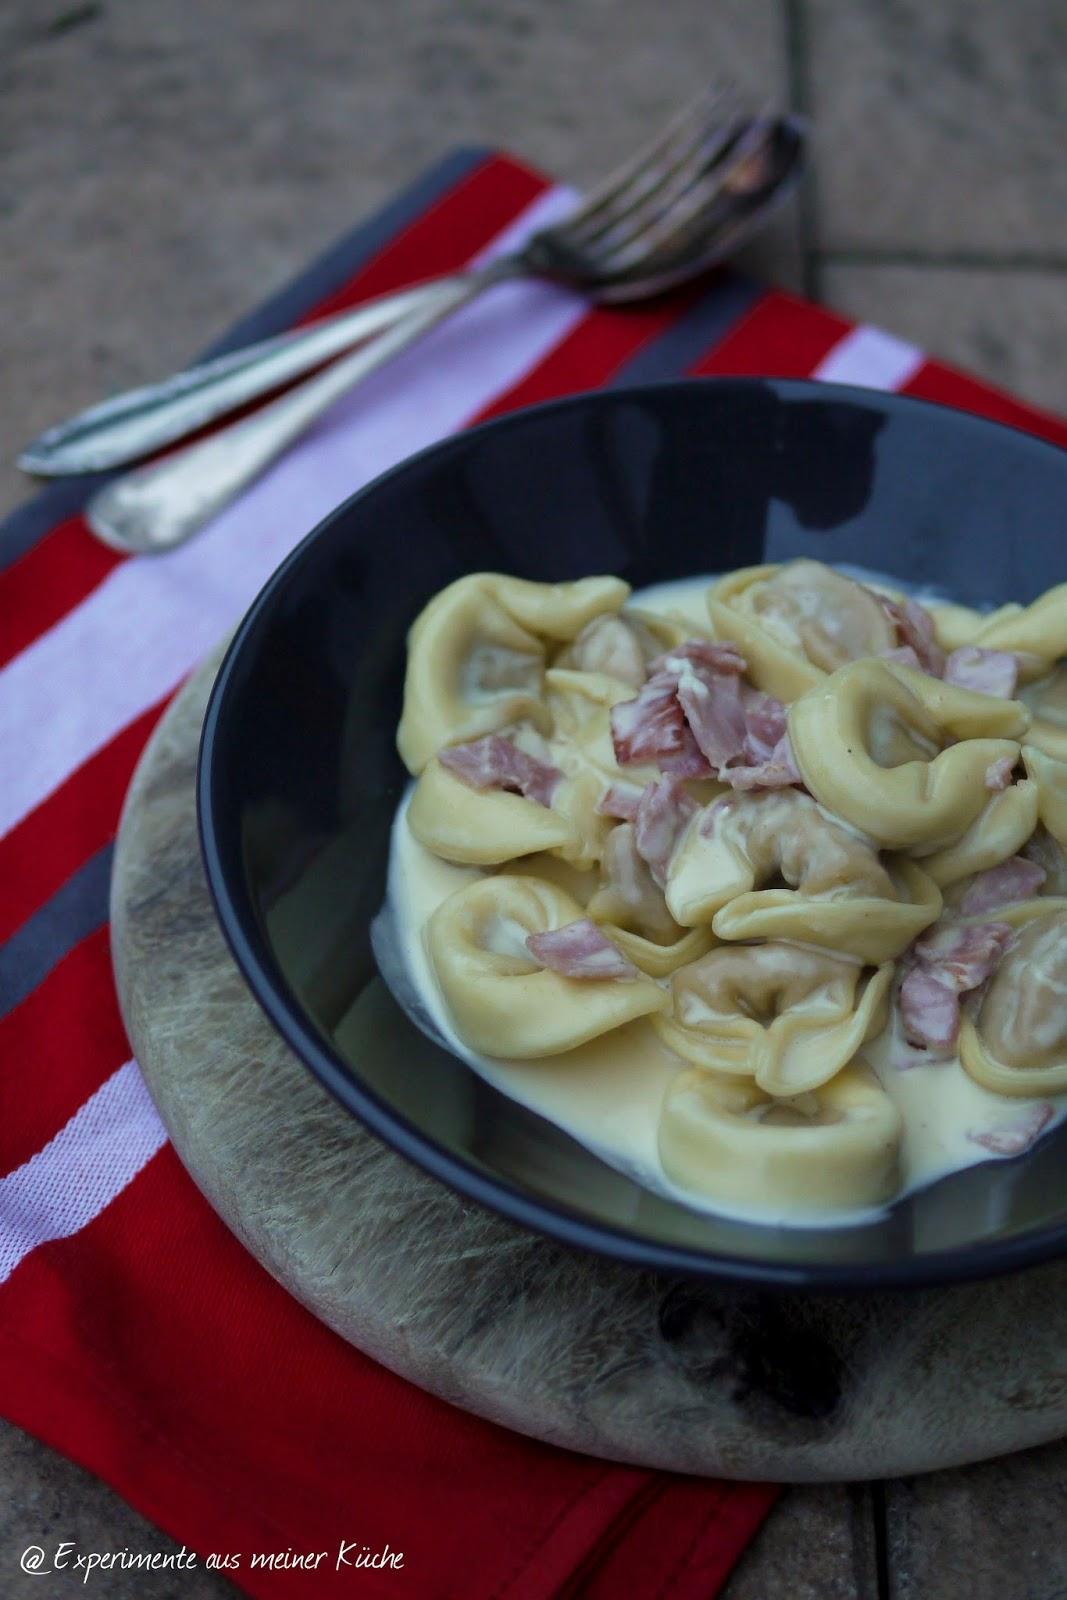 Experimente aus meiner Küche: Tortellini in Schinken-Sahne-Soße